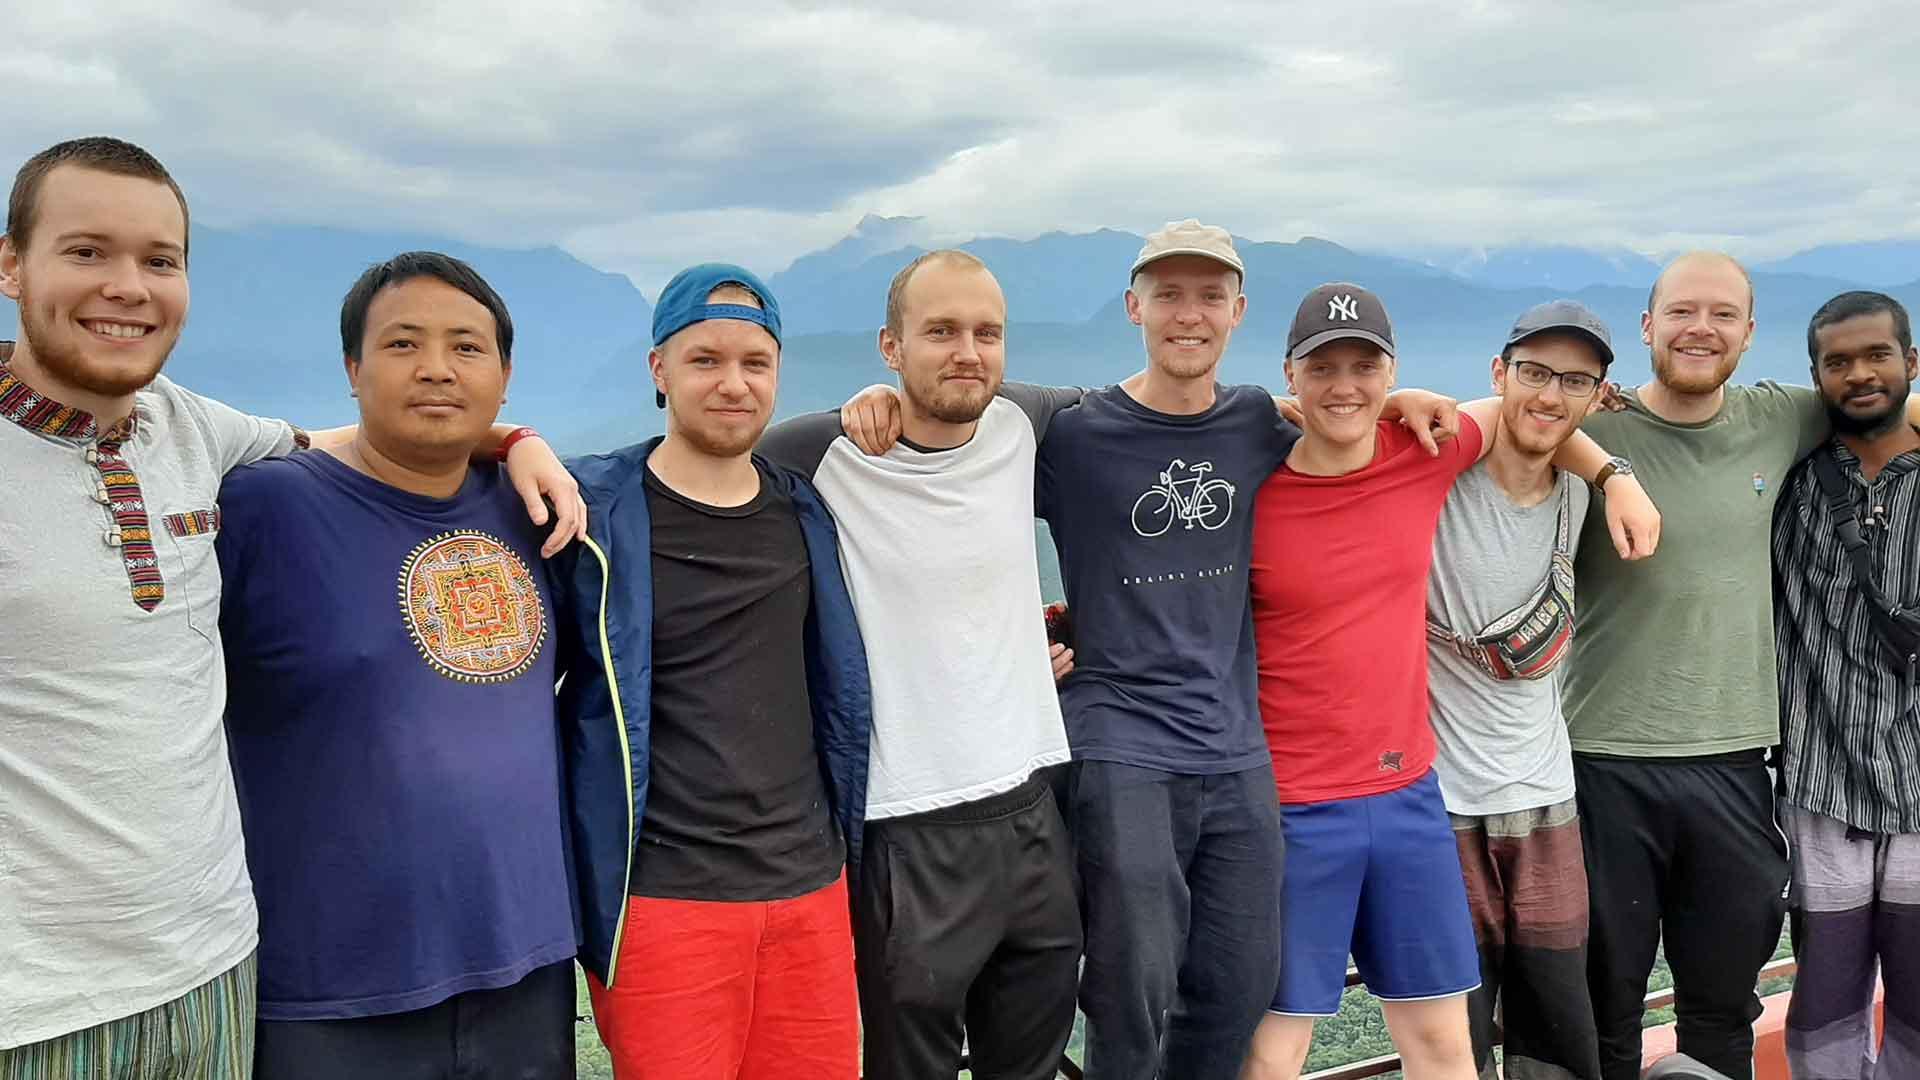 volunteer opportunities nepal